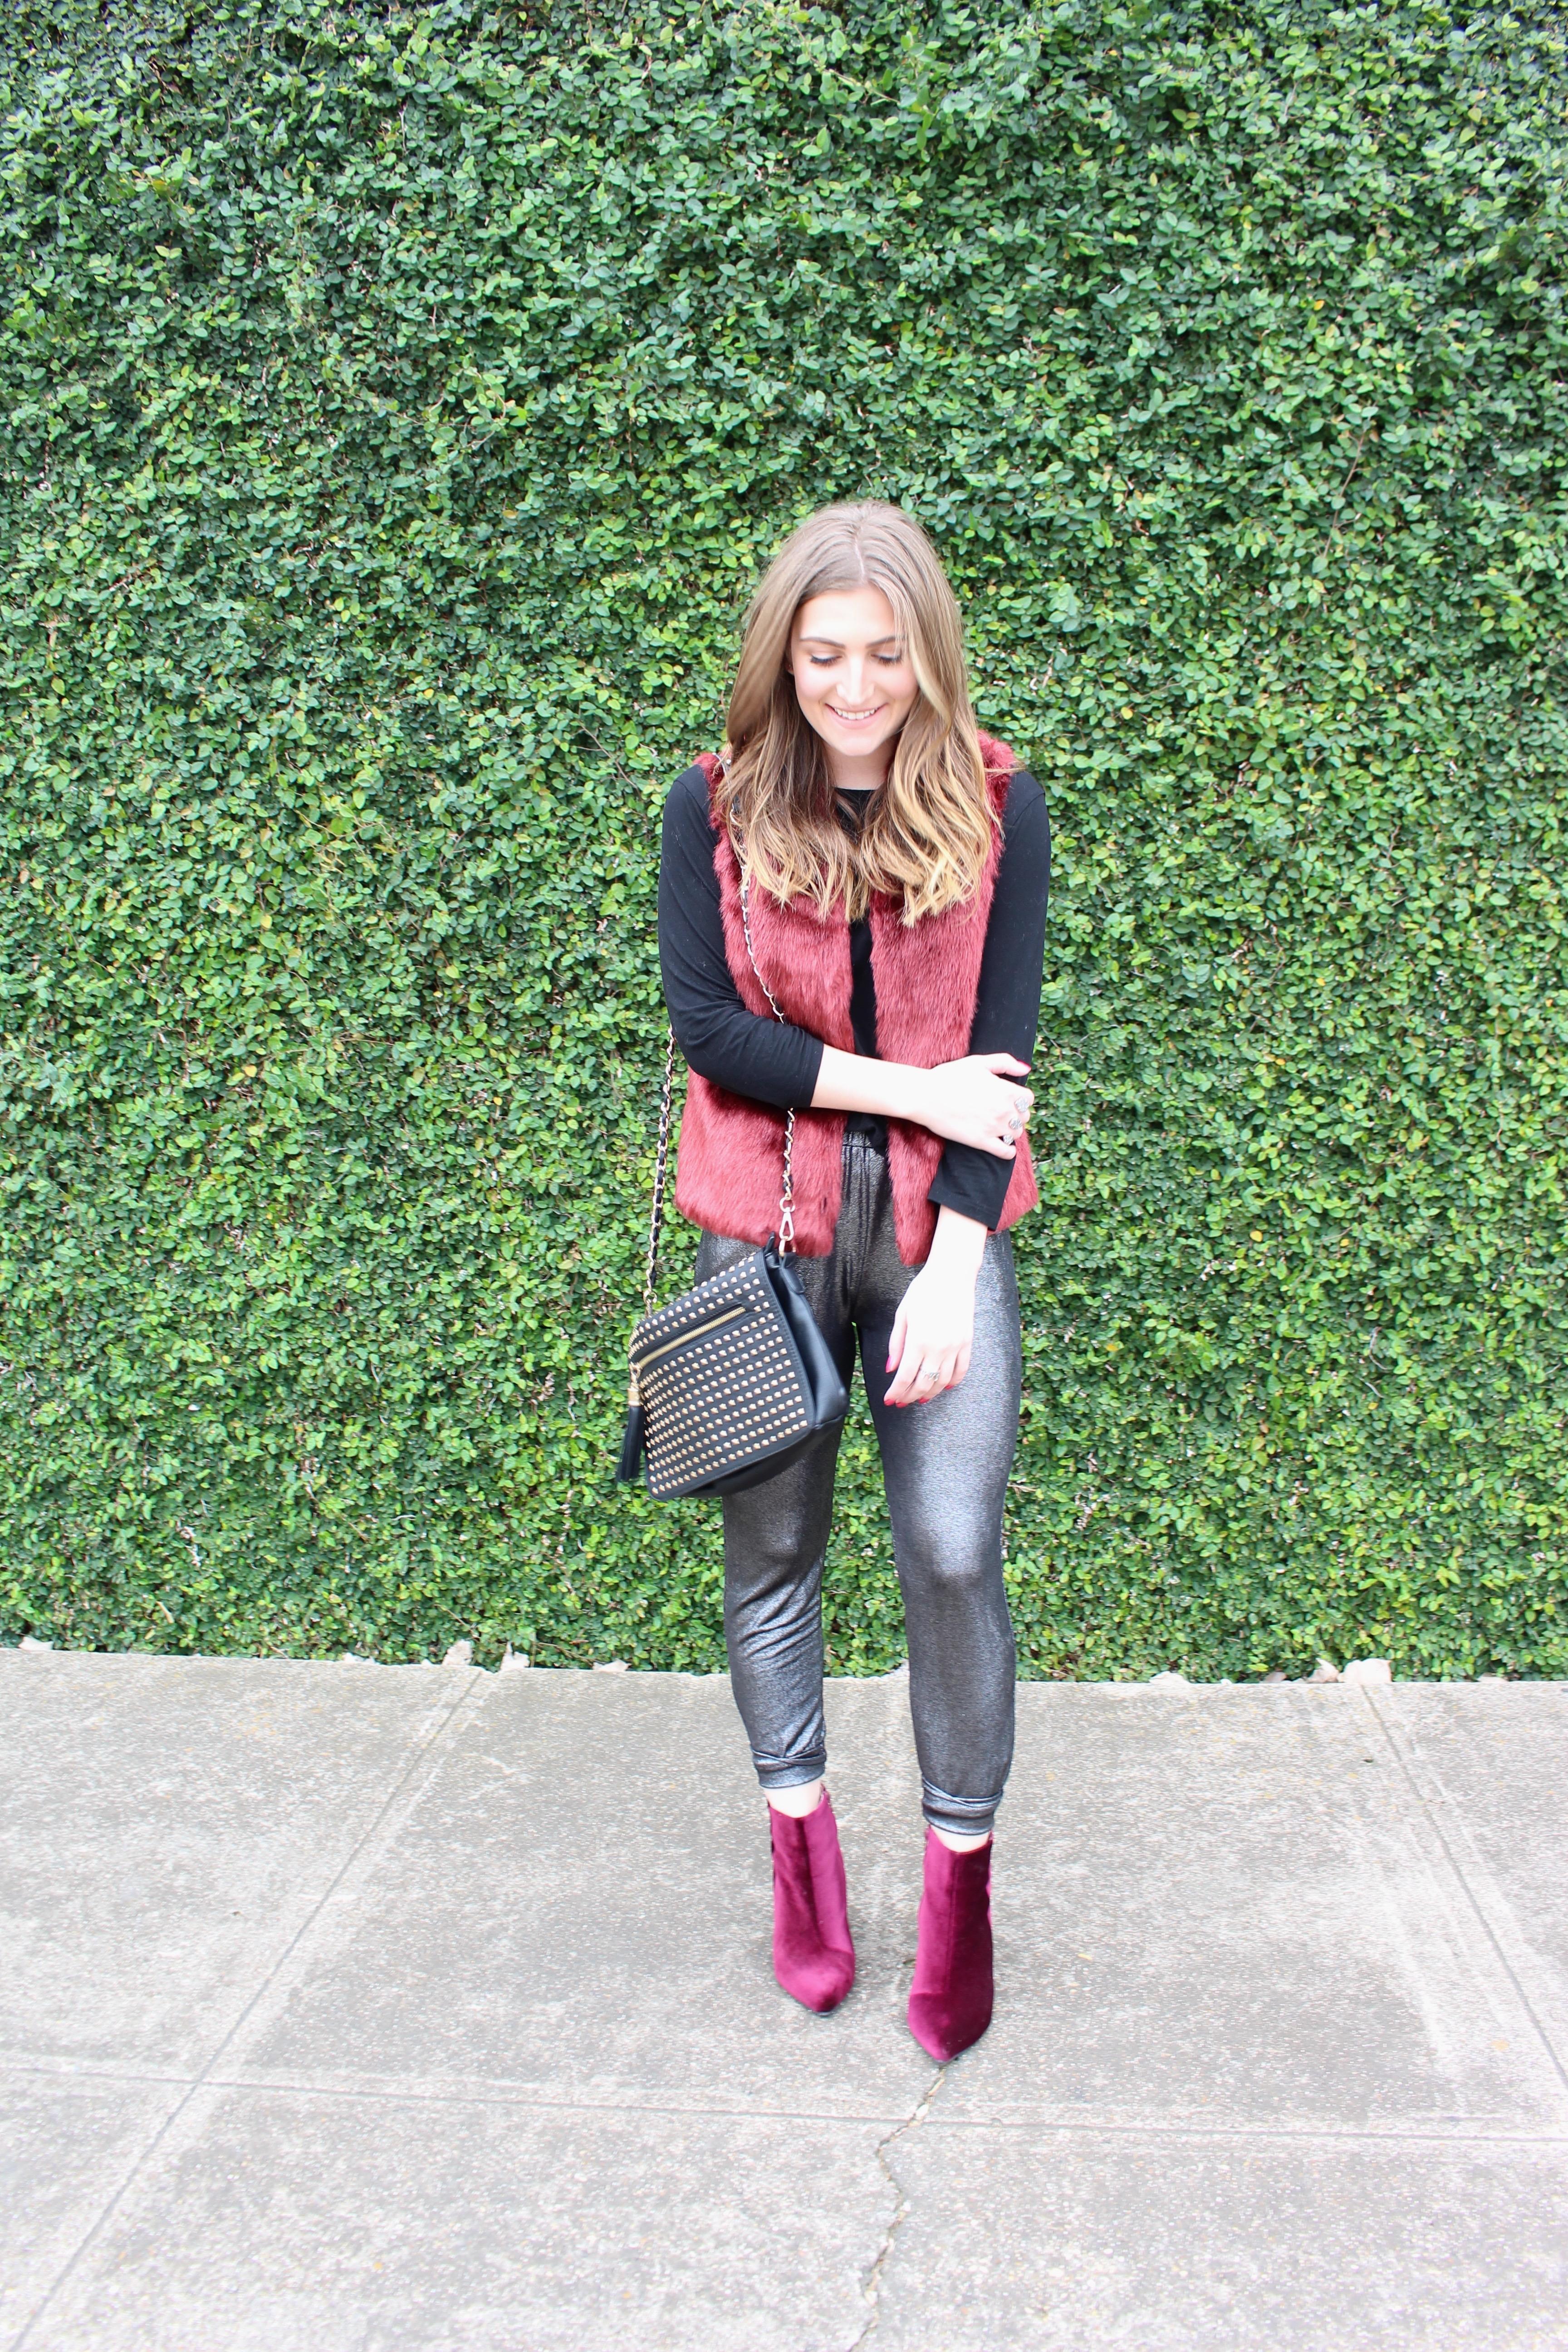 velvet booties in the winter